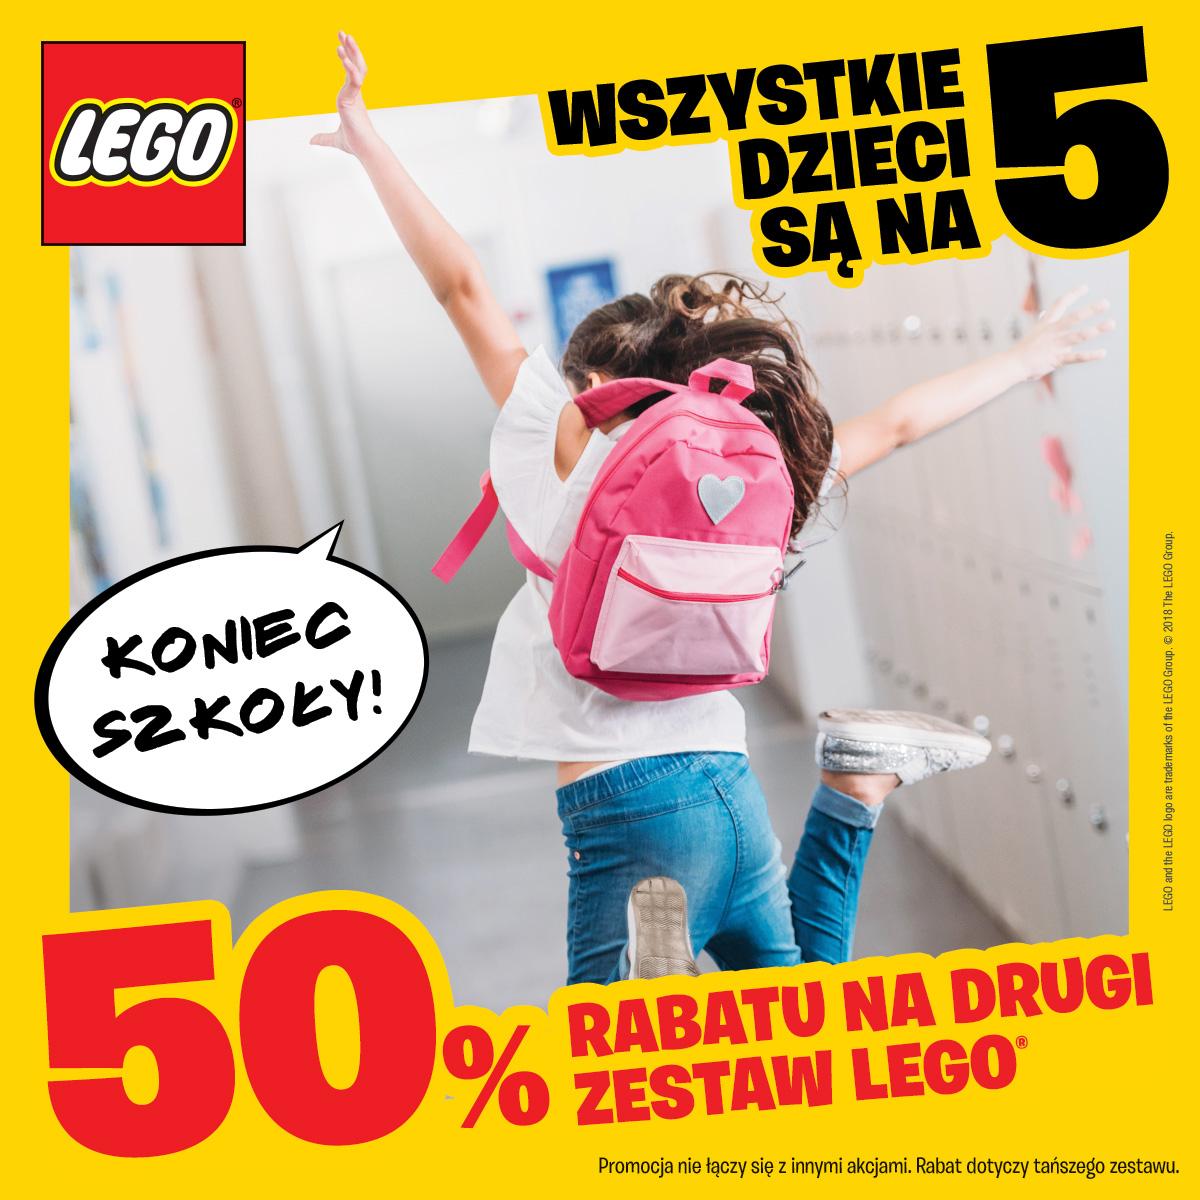 50% rabatu na drugi zestaw LEGO